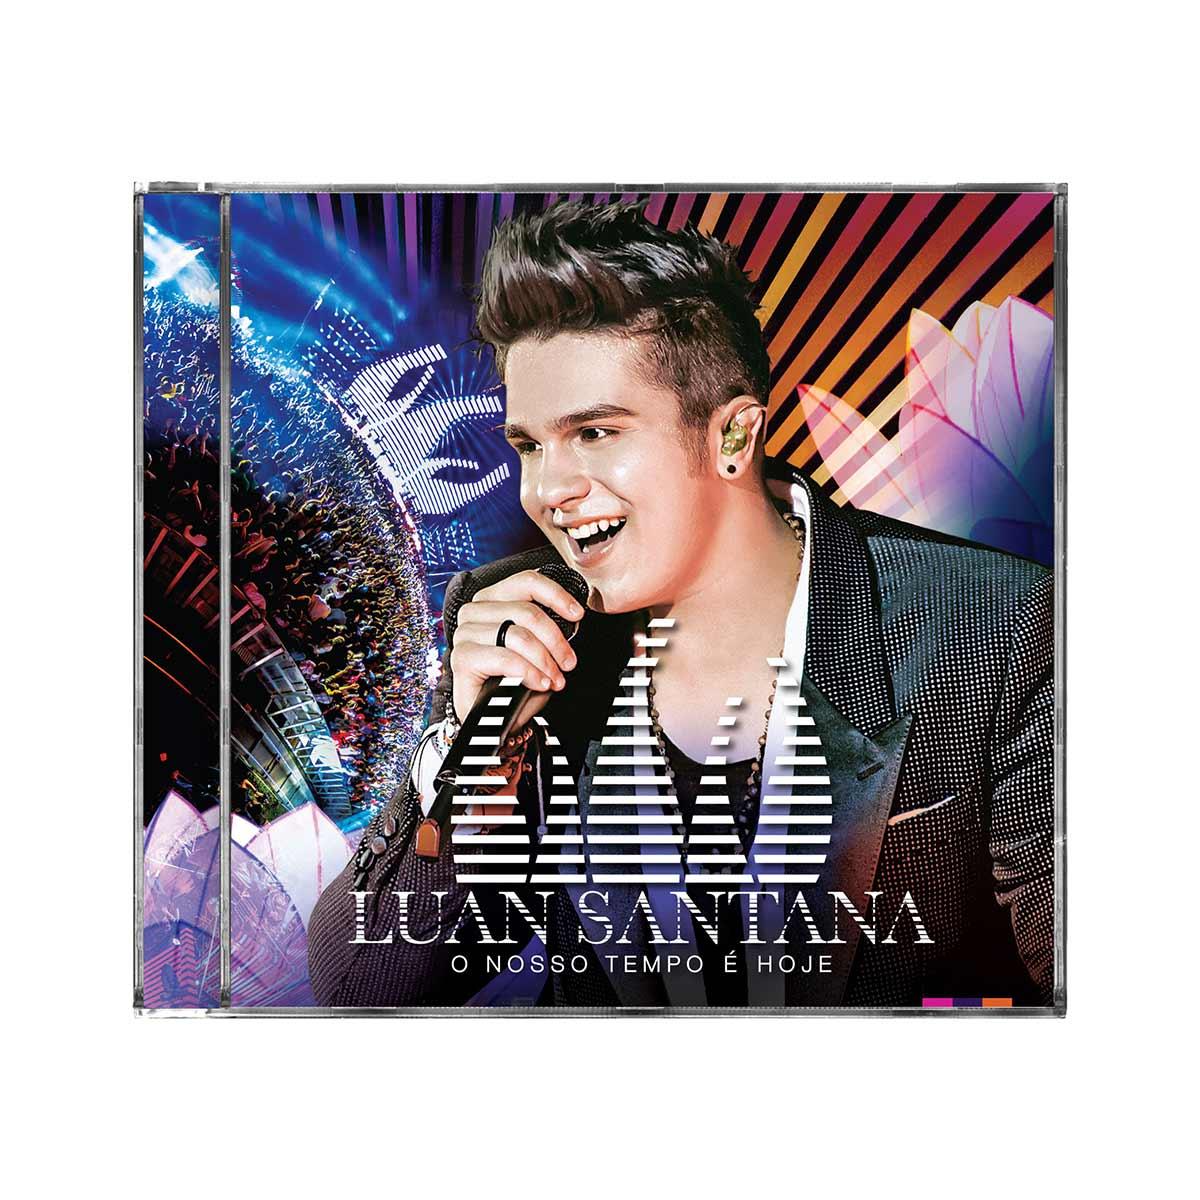 CD Luan Santana O Nosso Tempo é Hoje